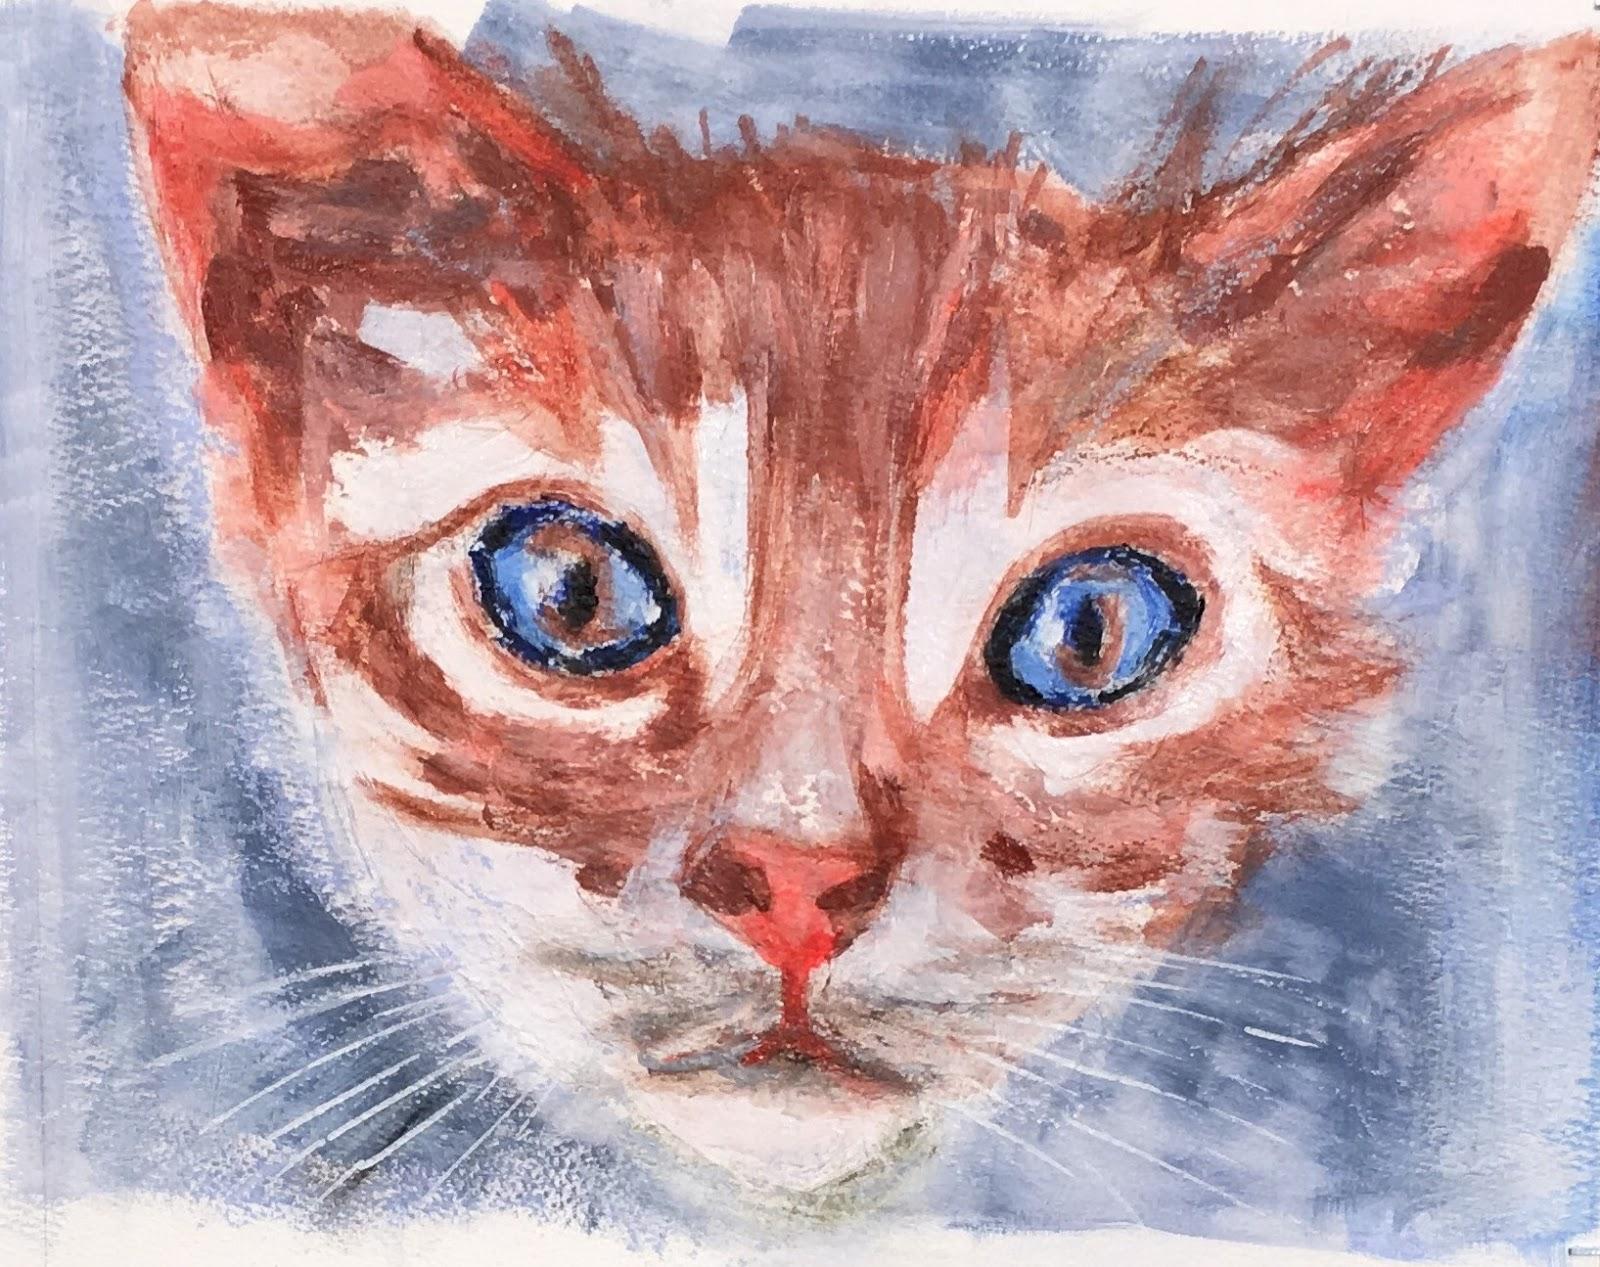 N°3409 - Rourou - Acrylique et pastel sur papier - 28 x 35 cm - 5 septembre 2017